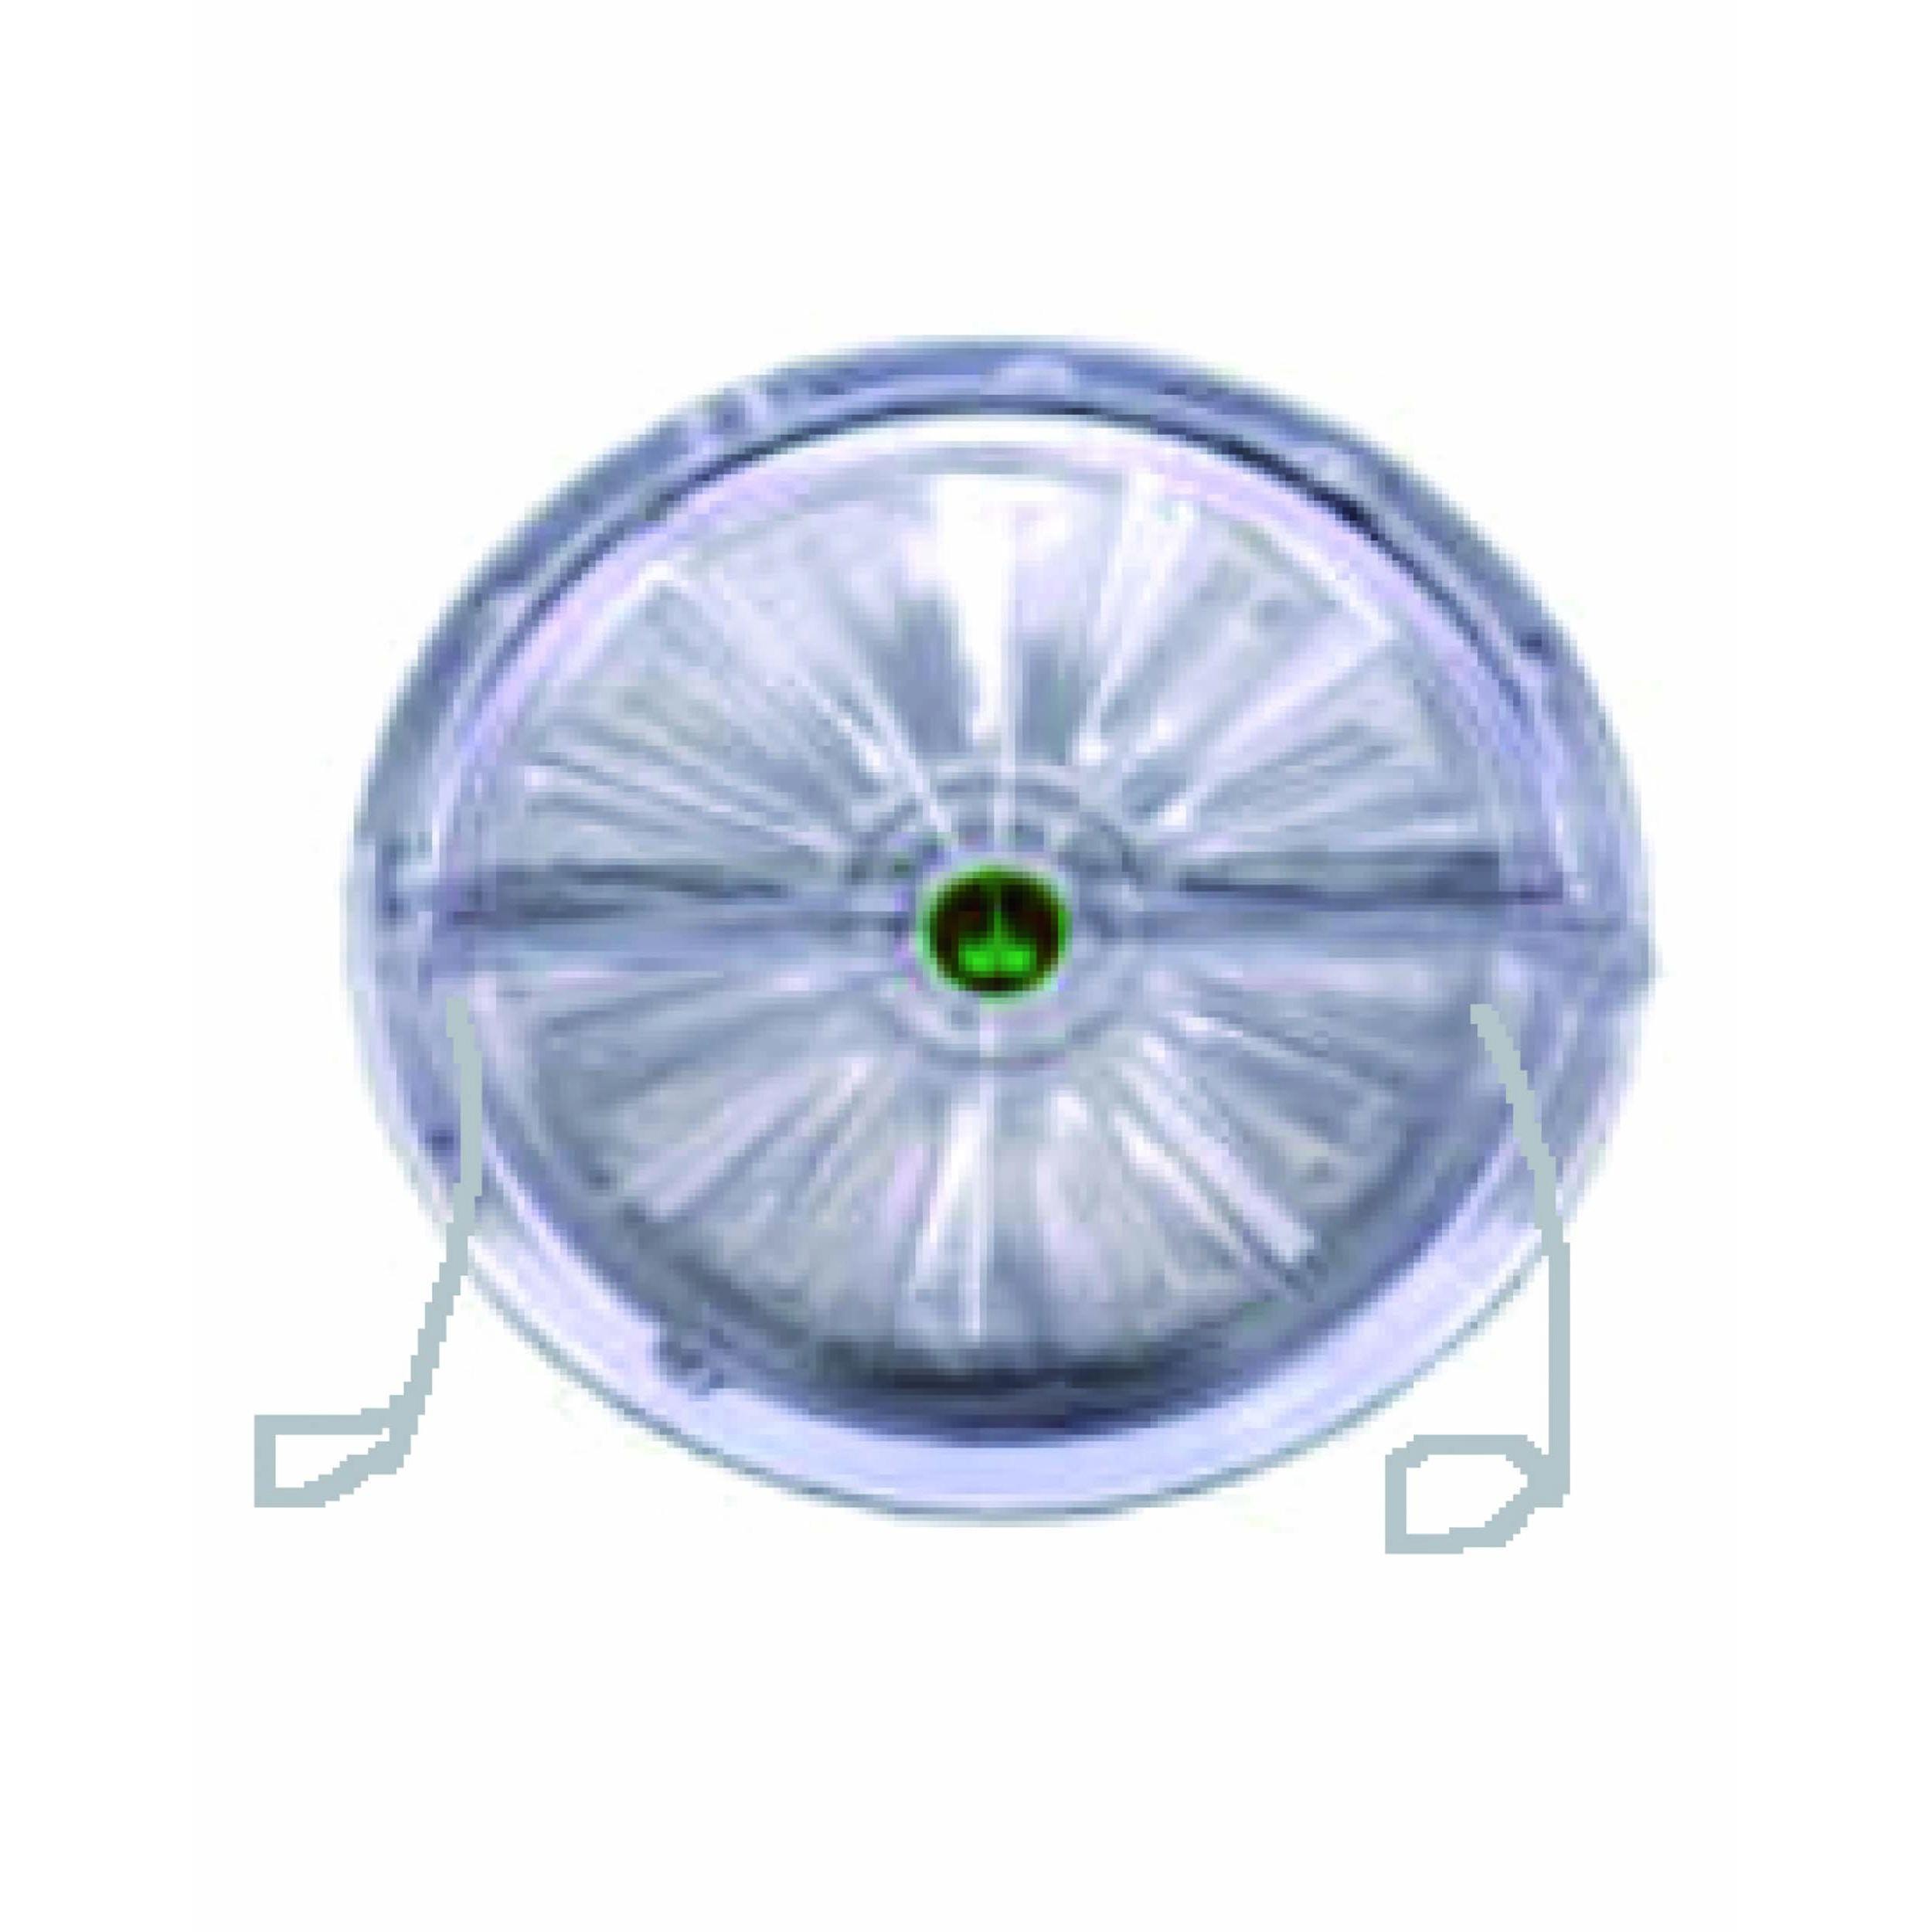 AEREATORI MAM 106 CHIUS. D.160